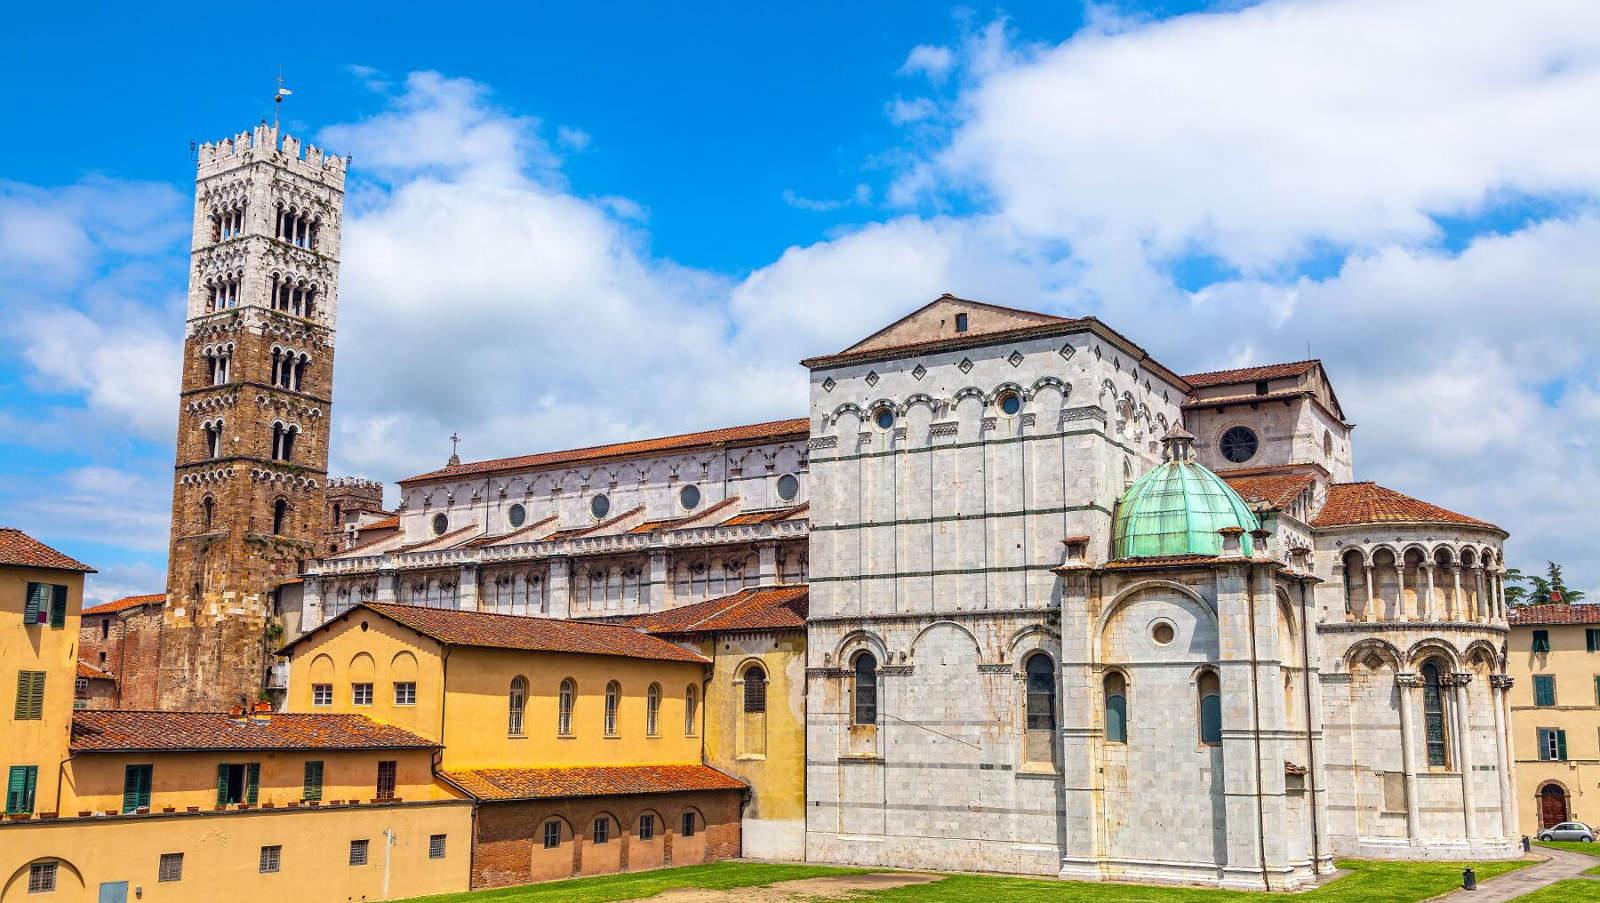 Valutazione Immobili Lucca